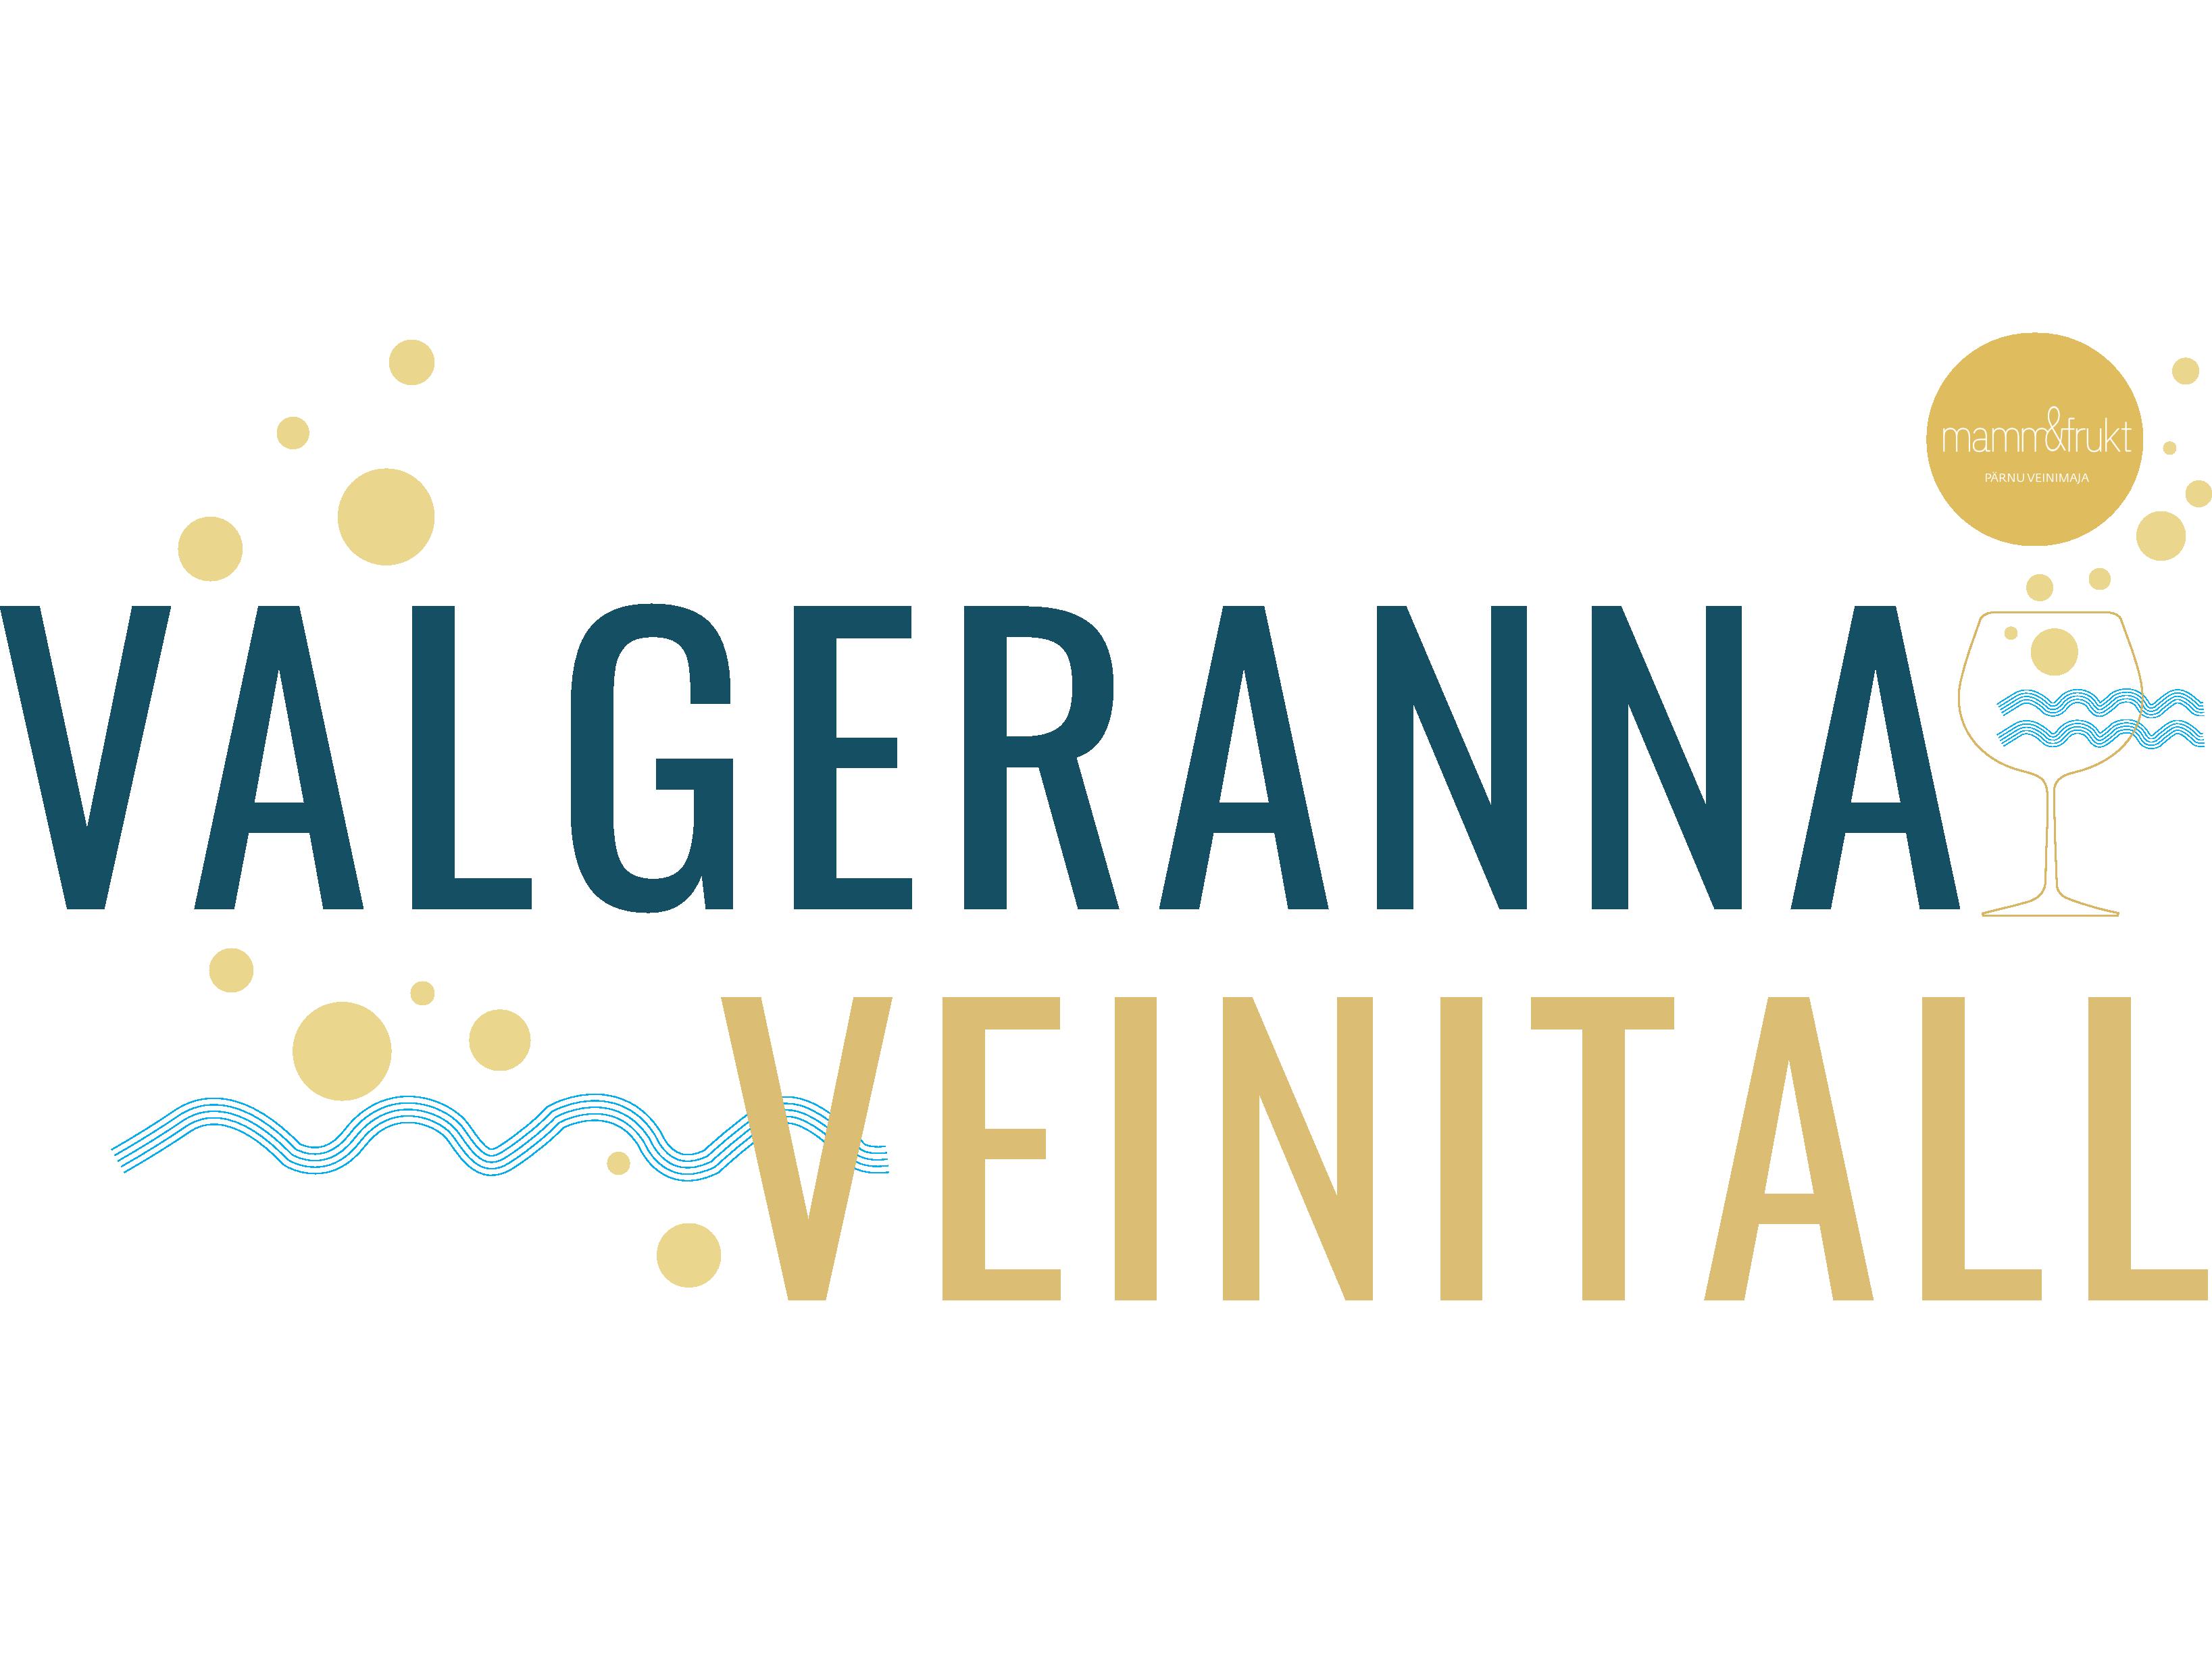 Valgeranna_veinitall_logo-läbipaistev